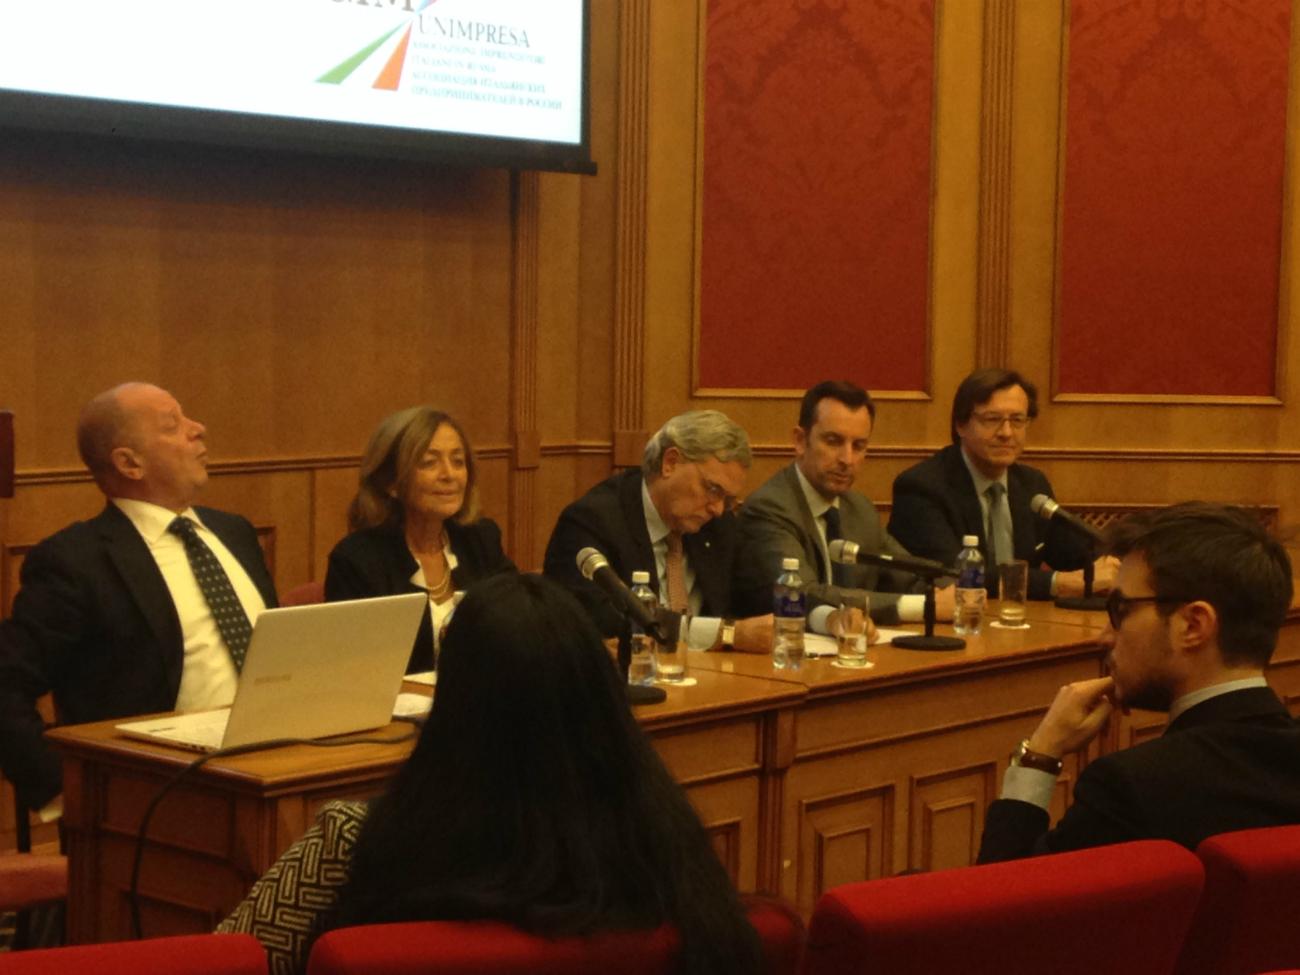 Il tavolo dei relatori. Al centro, l'ambasciatore italiano Cesare Maria Ragaglini.